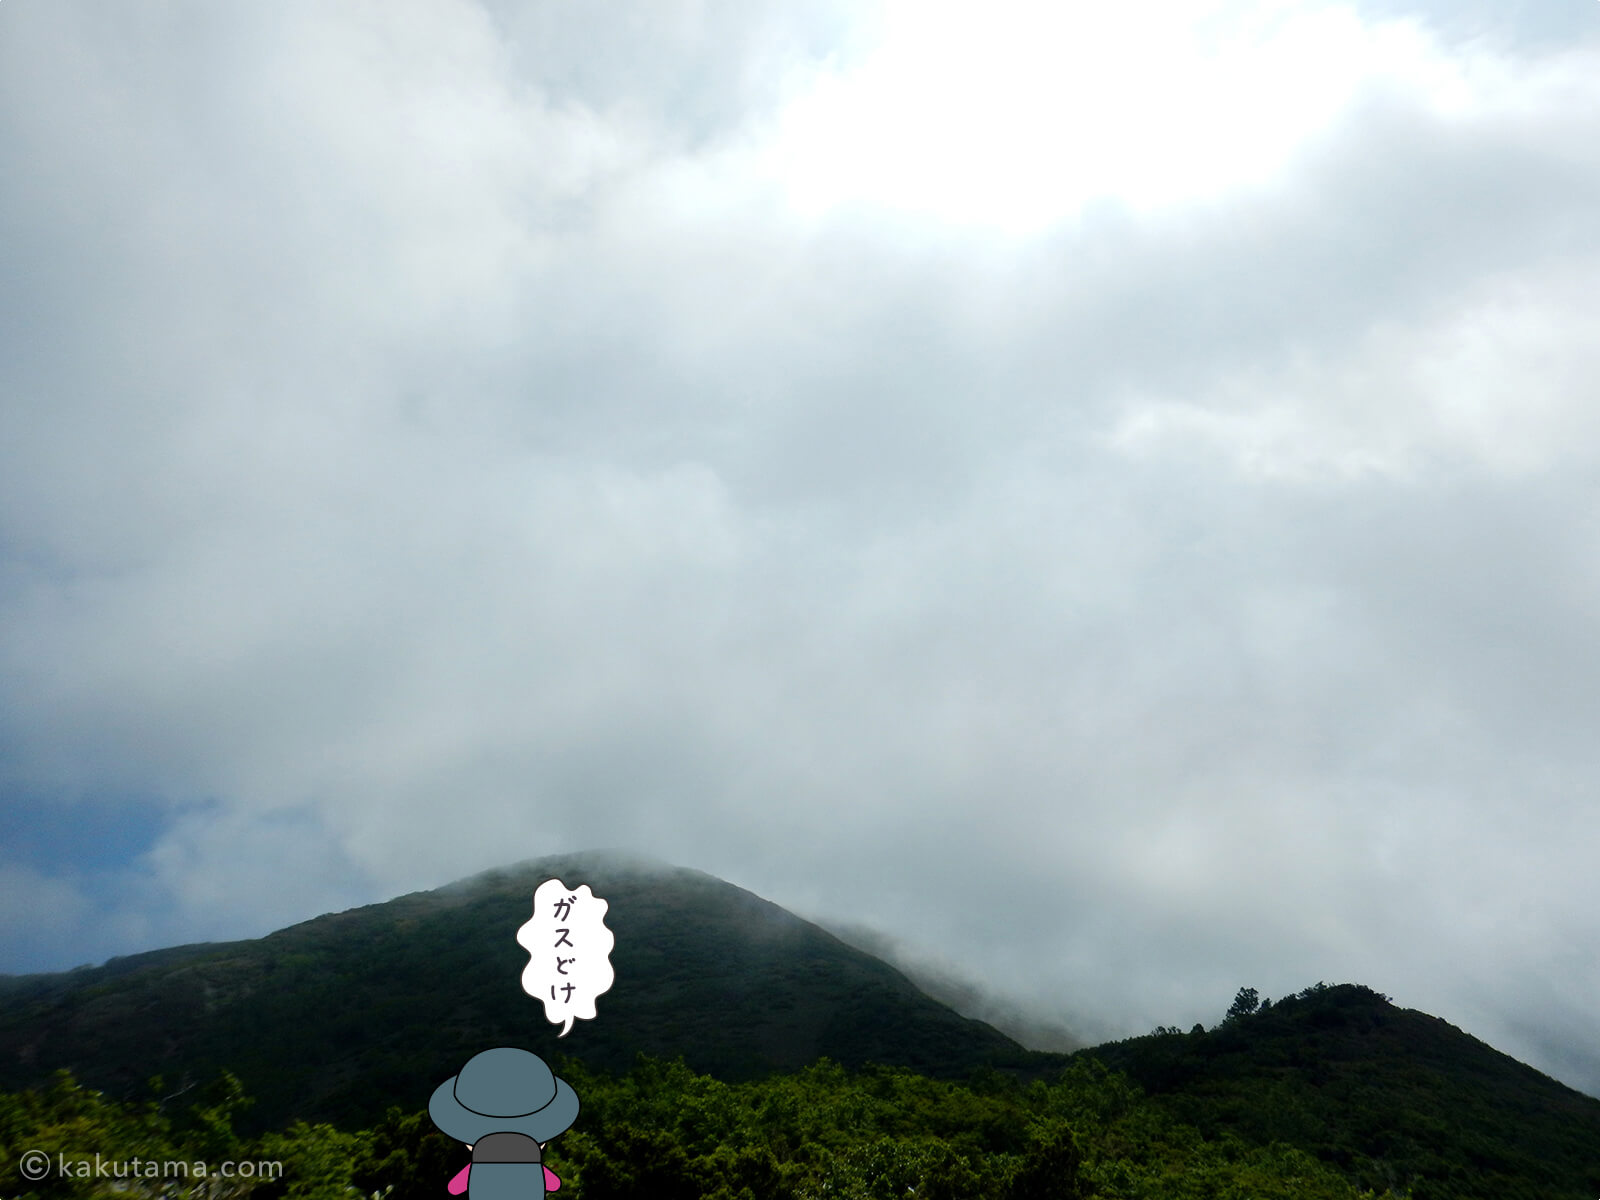 ガスに覆われている山頂付近